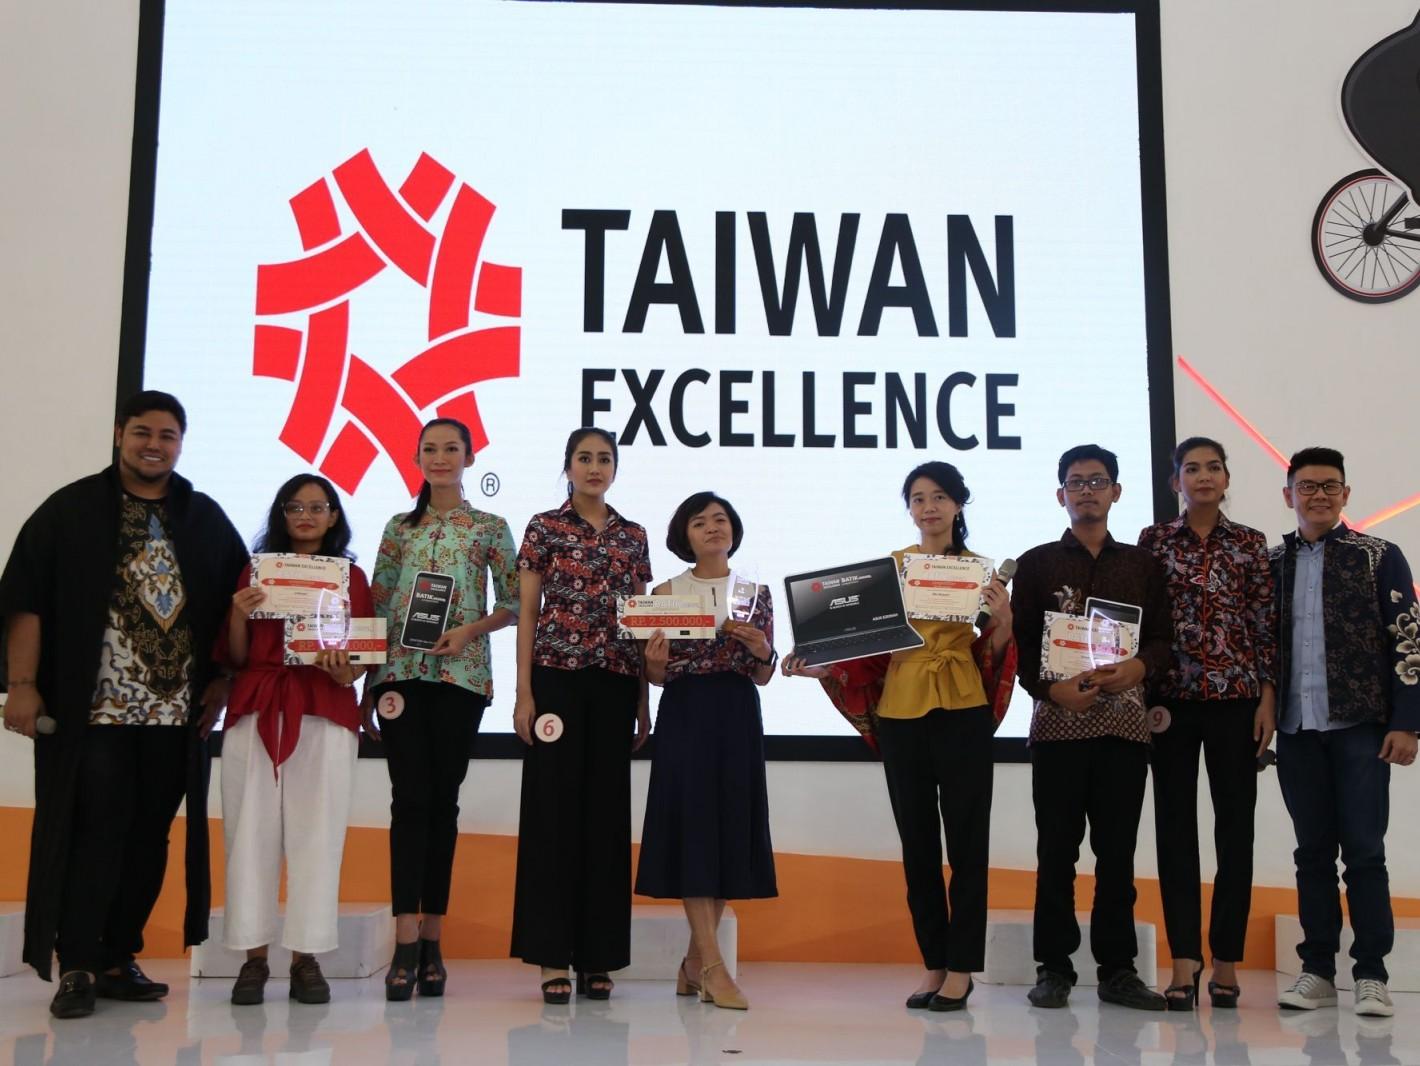 「台灣精品Batik創意設計大賽」冠軍Mrs. Nike Wijayanti (中)表示,過去對台灣的認識不深,這次比賽後,對於台灣精品印象深刻,很期待台印不只在經濟上交流,還能在設計及文化上成為互通有無的夥伴